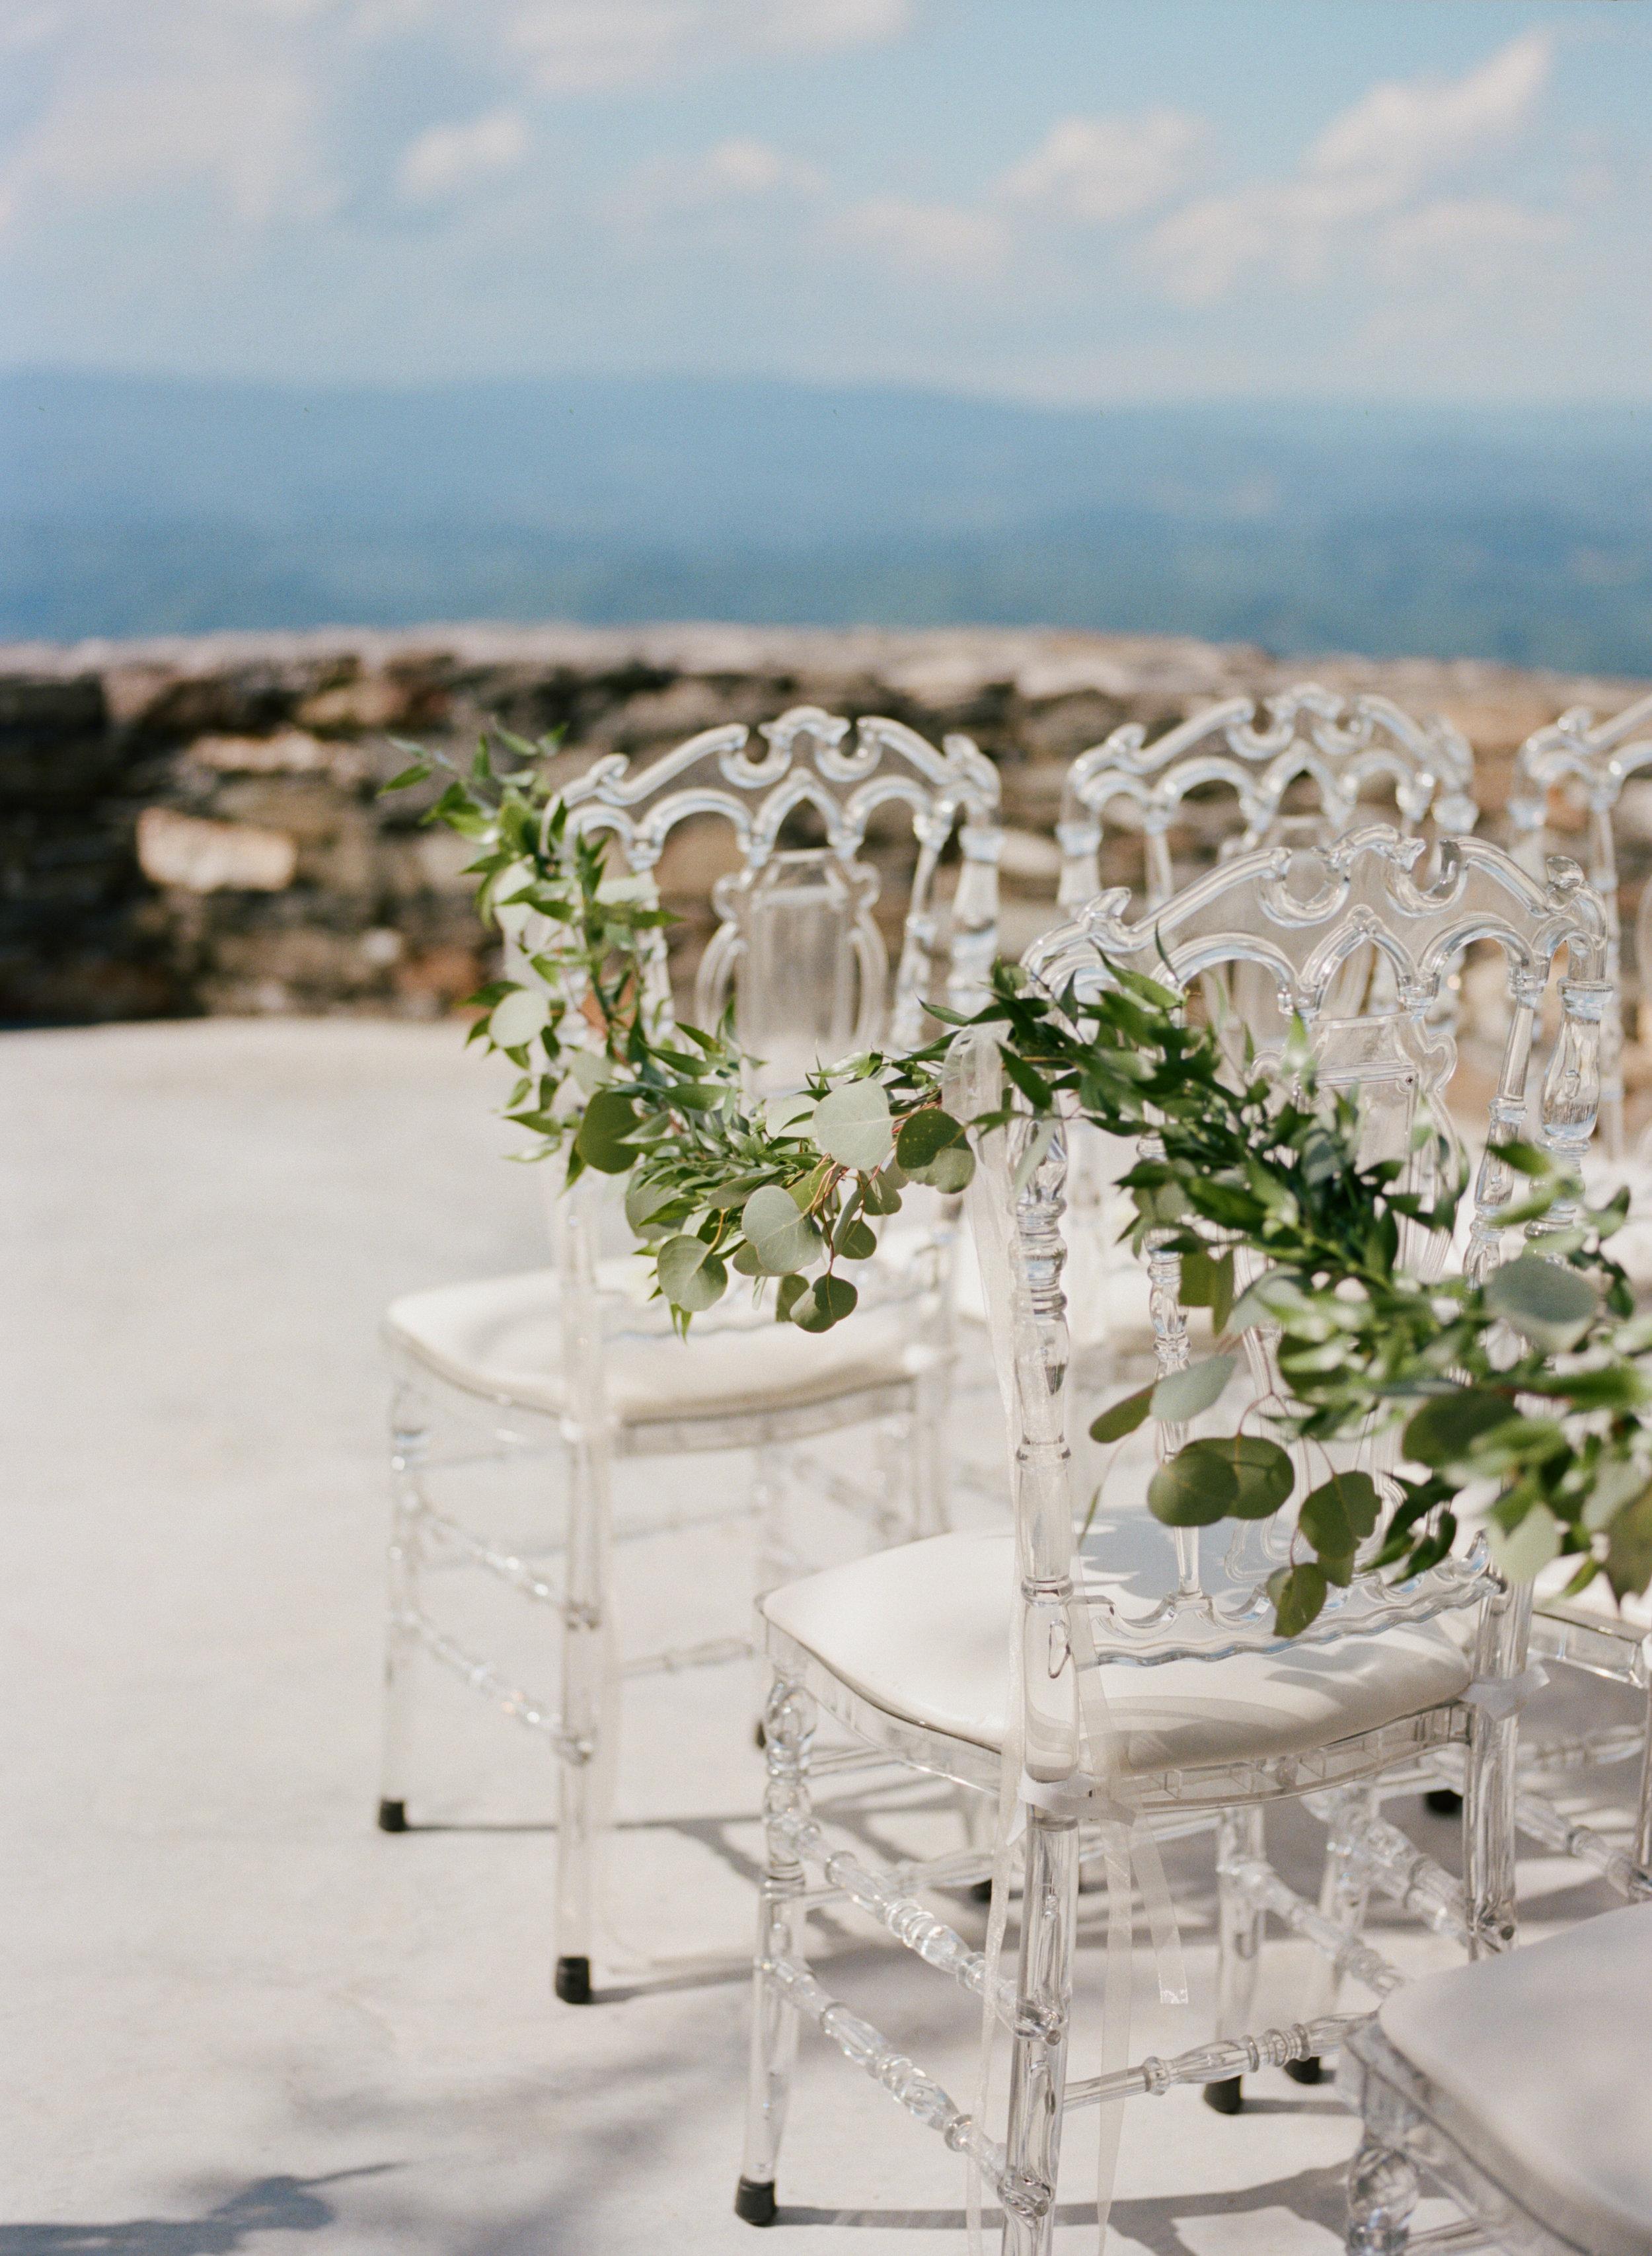 Kristen-Michael-Wedding-Details-029.jpg